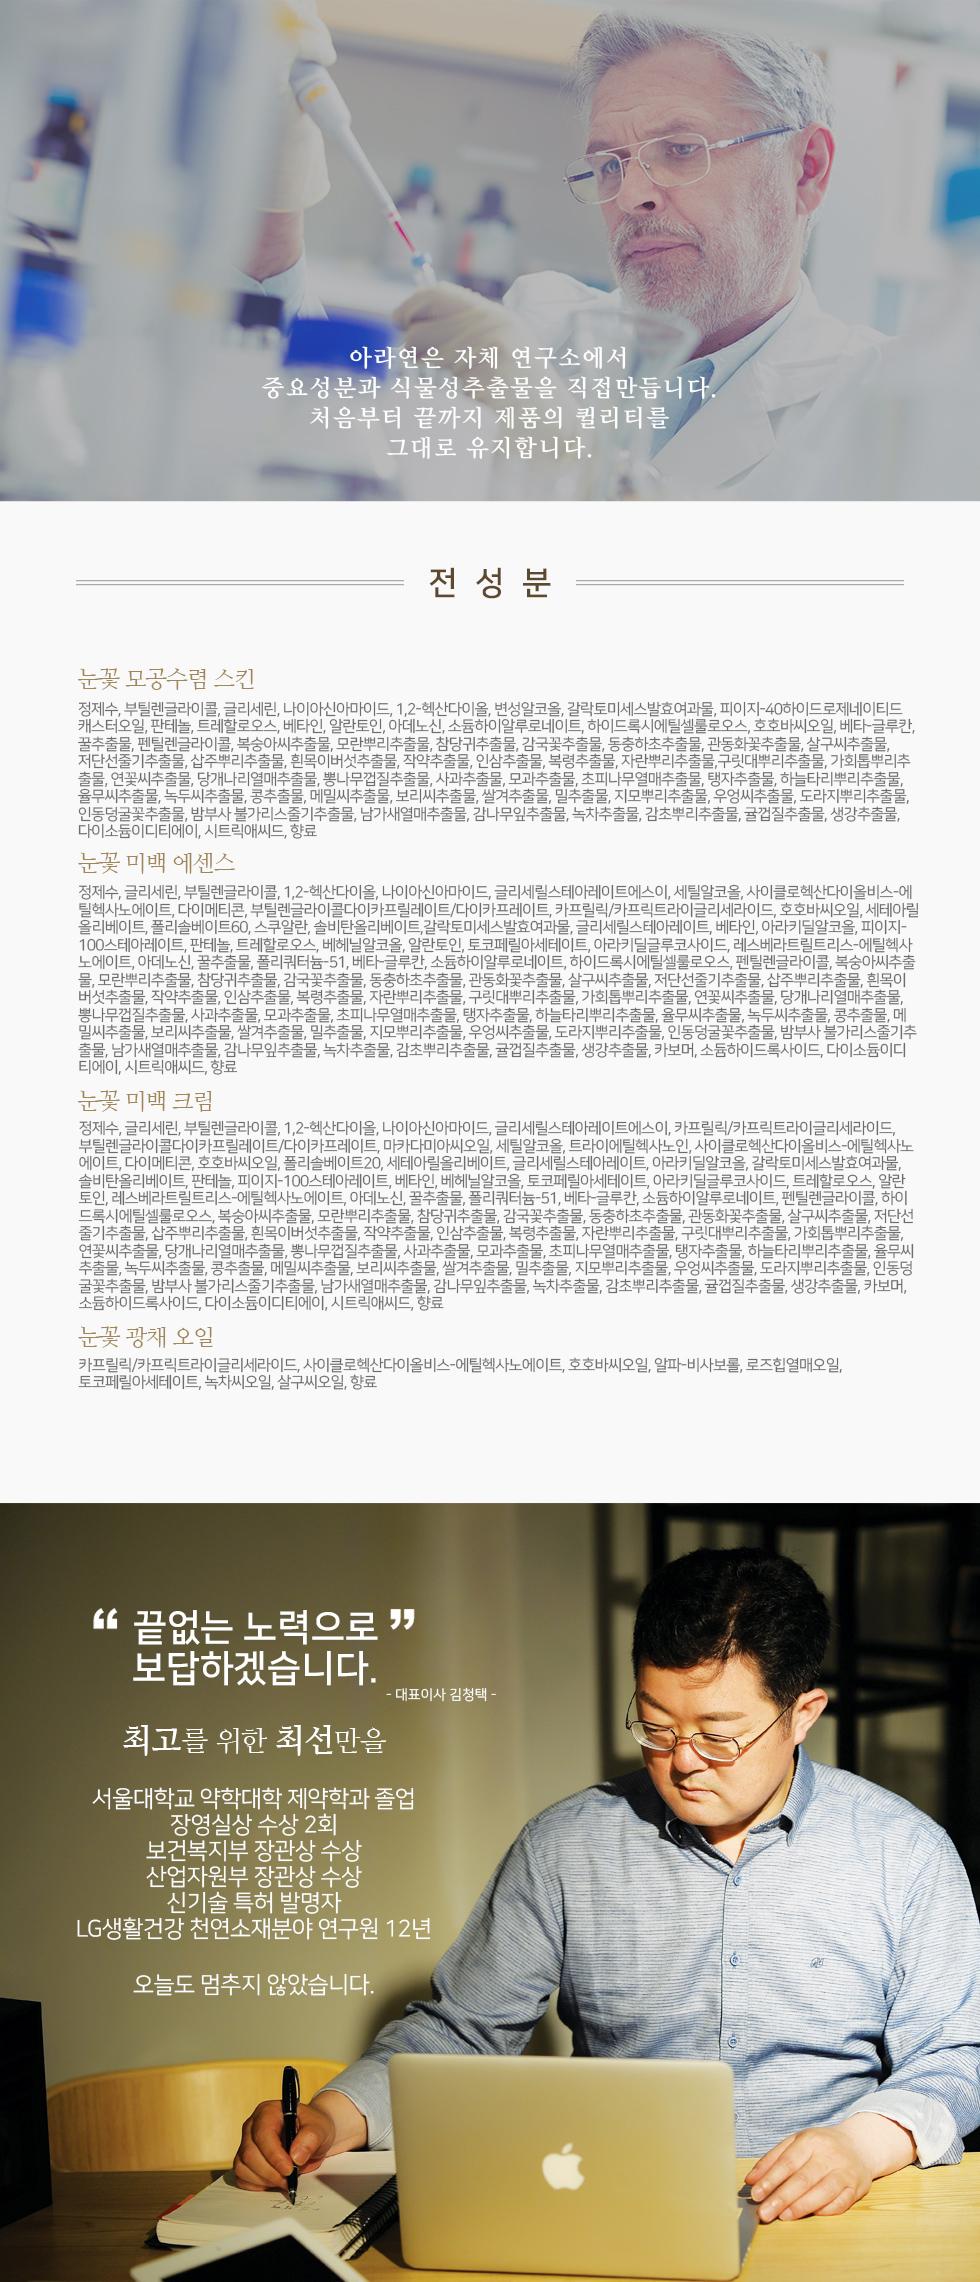 [아라연]-눈꽃-미백-기능성-4종세트_06.jpg